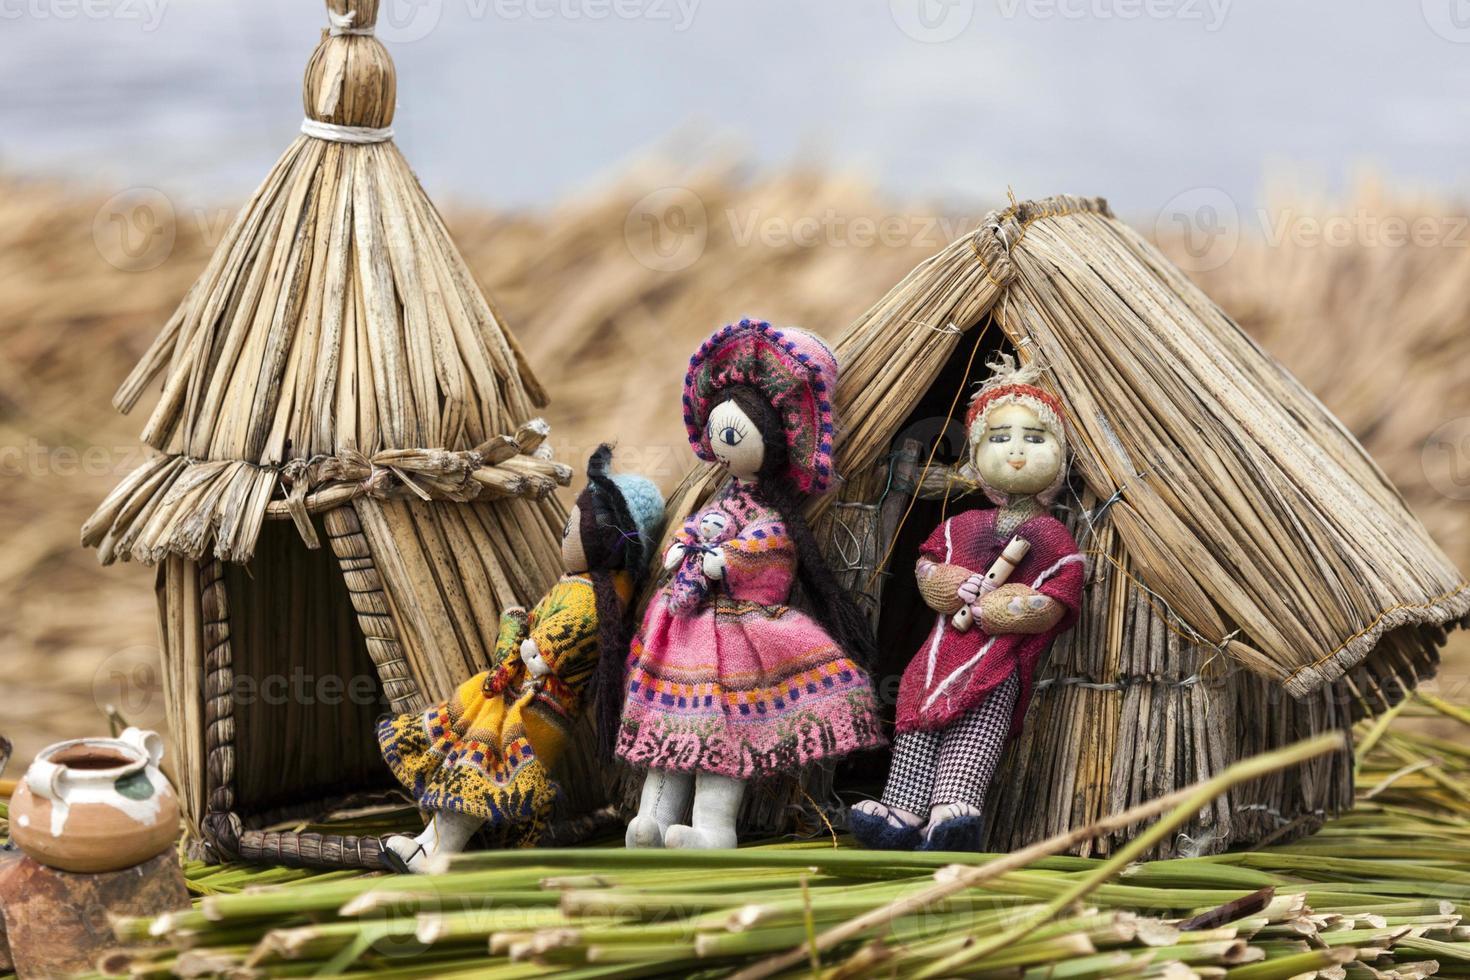 speelgoed gezien op drijvende eilanden foto